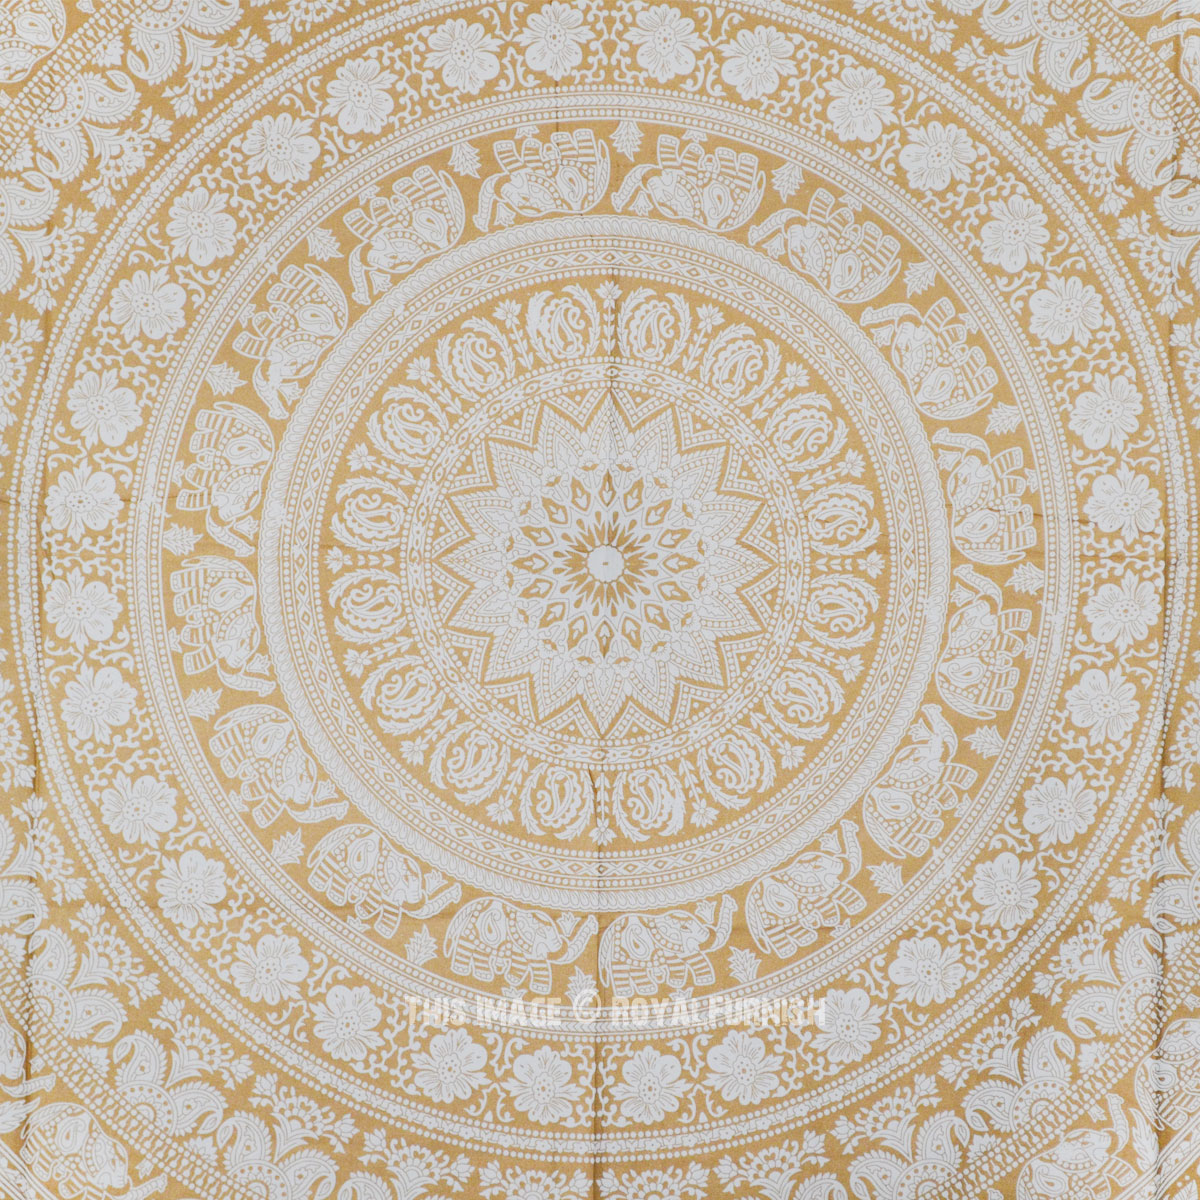 Gold Amp White Elephants Medallion Mandala Tapestry